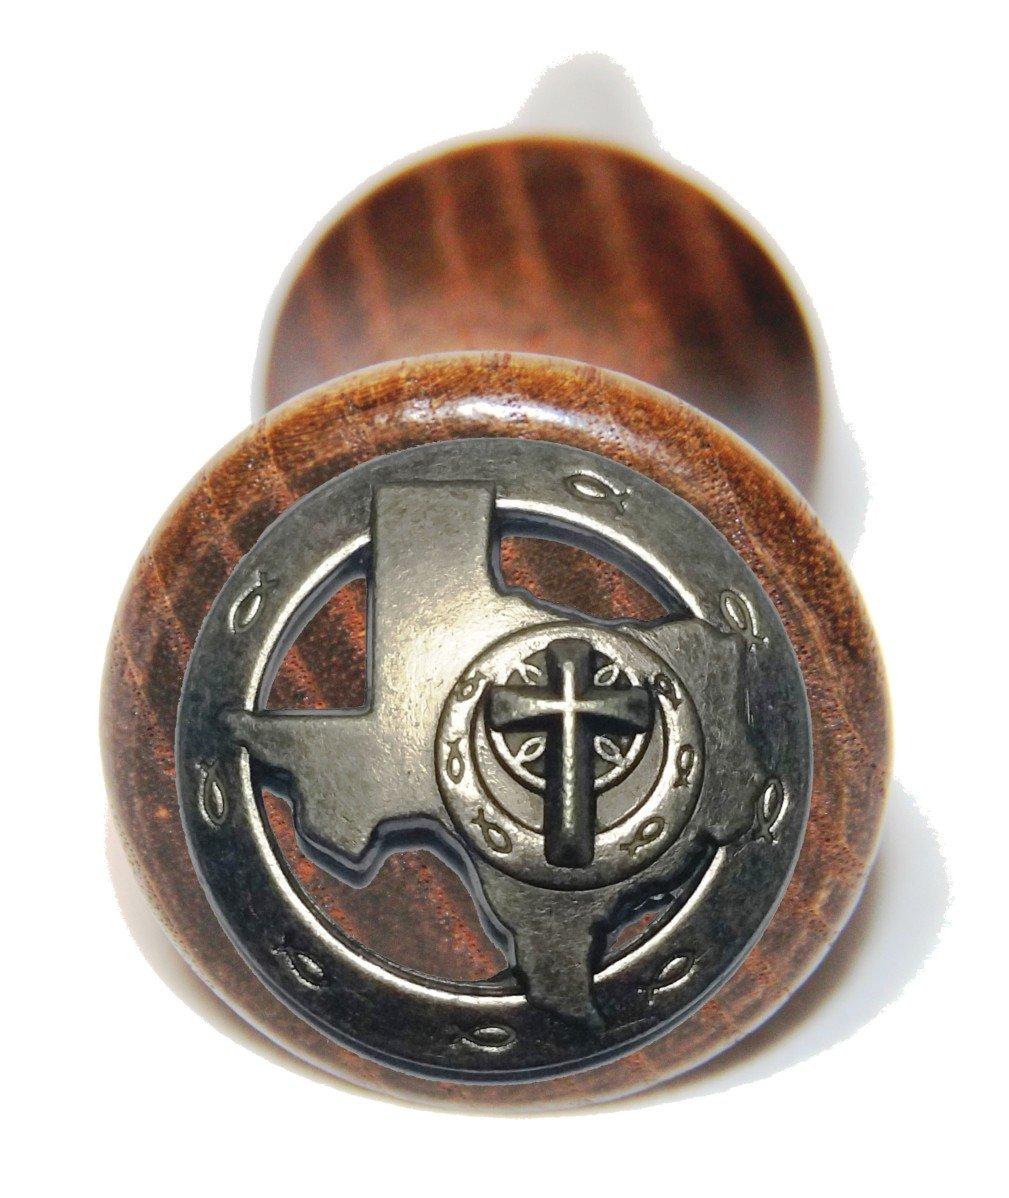 Custom Texas Christian Ichthys wine bottle stopper